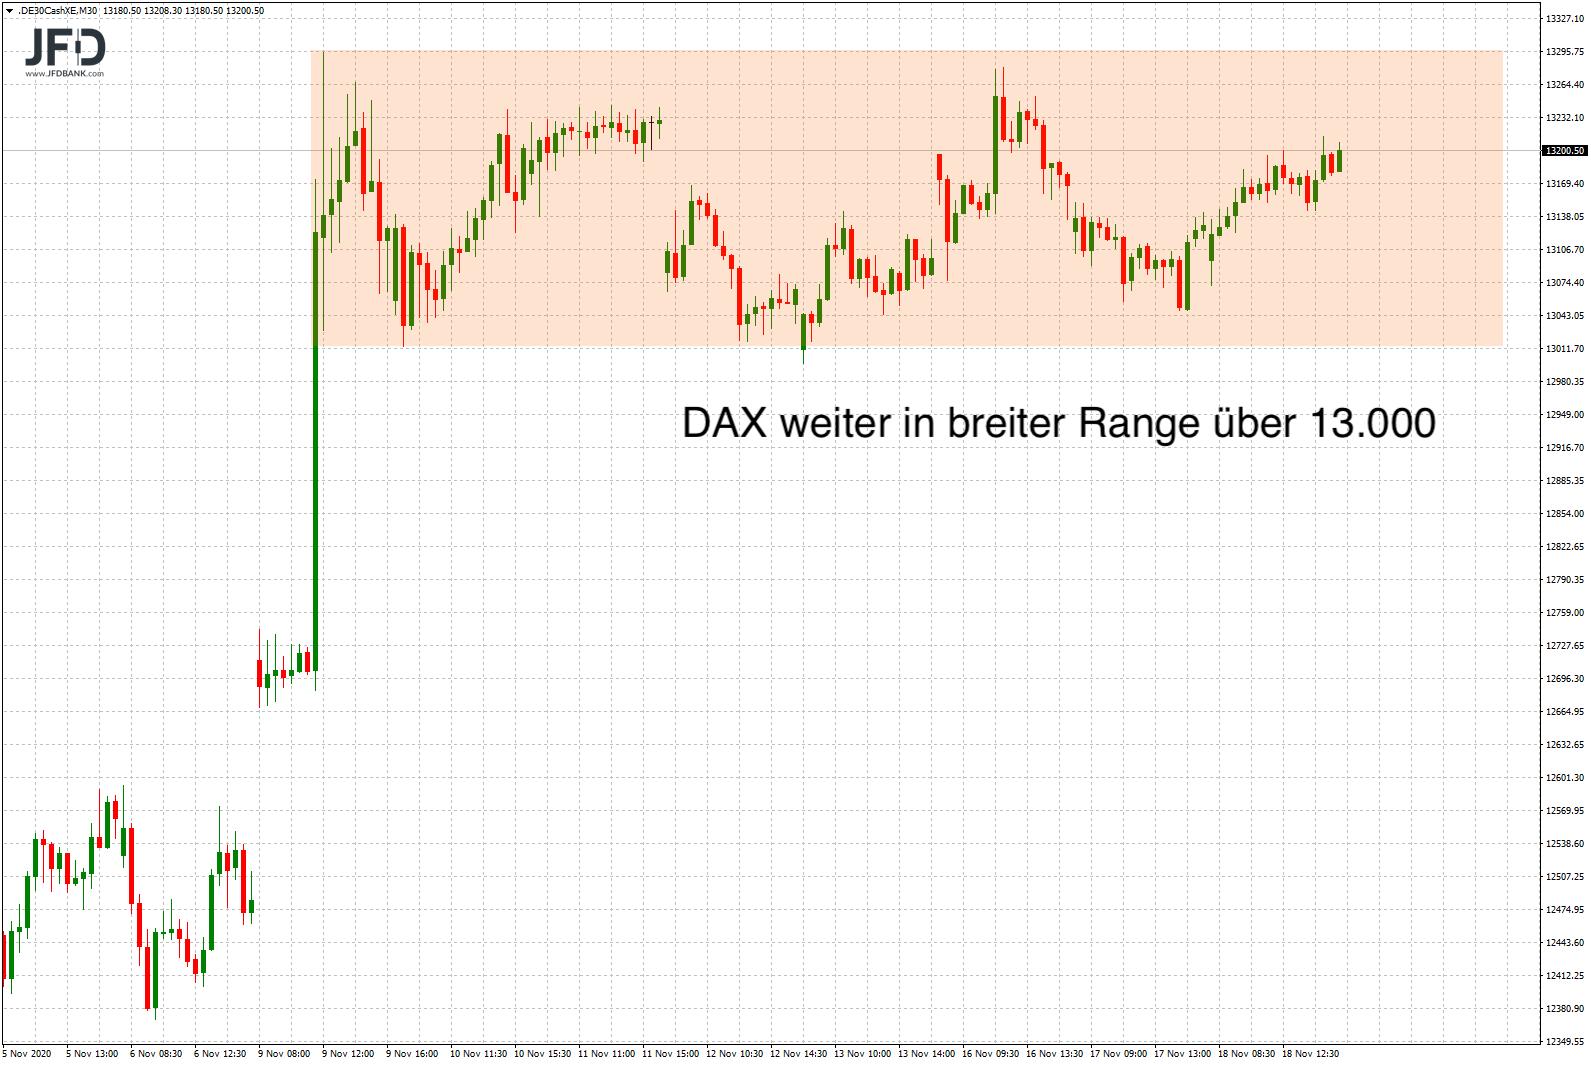 Die-Range-bleibt-weiter-das-dominante-Element-im-DAX-Chart-Kommentar-JFD-Bank-GodmodeTrader.de-3